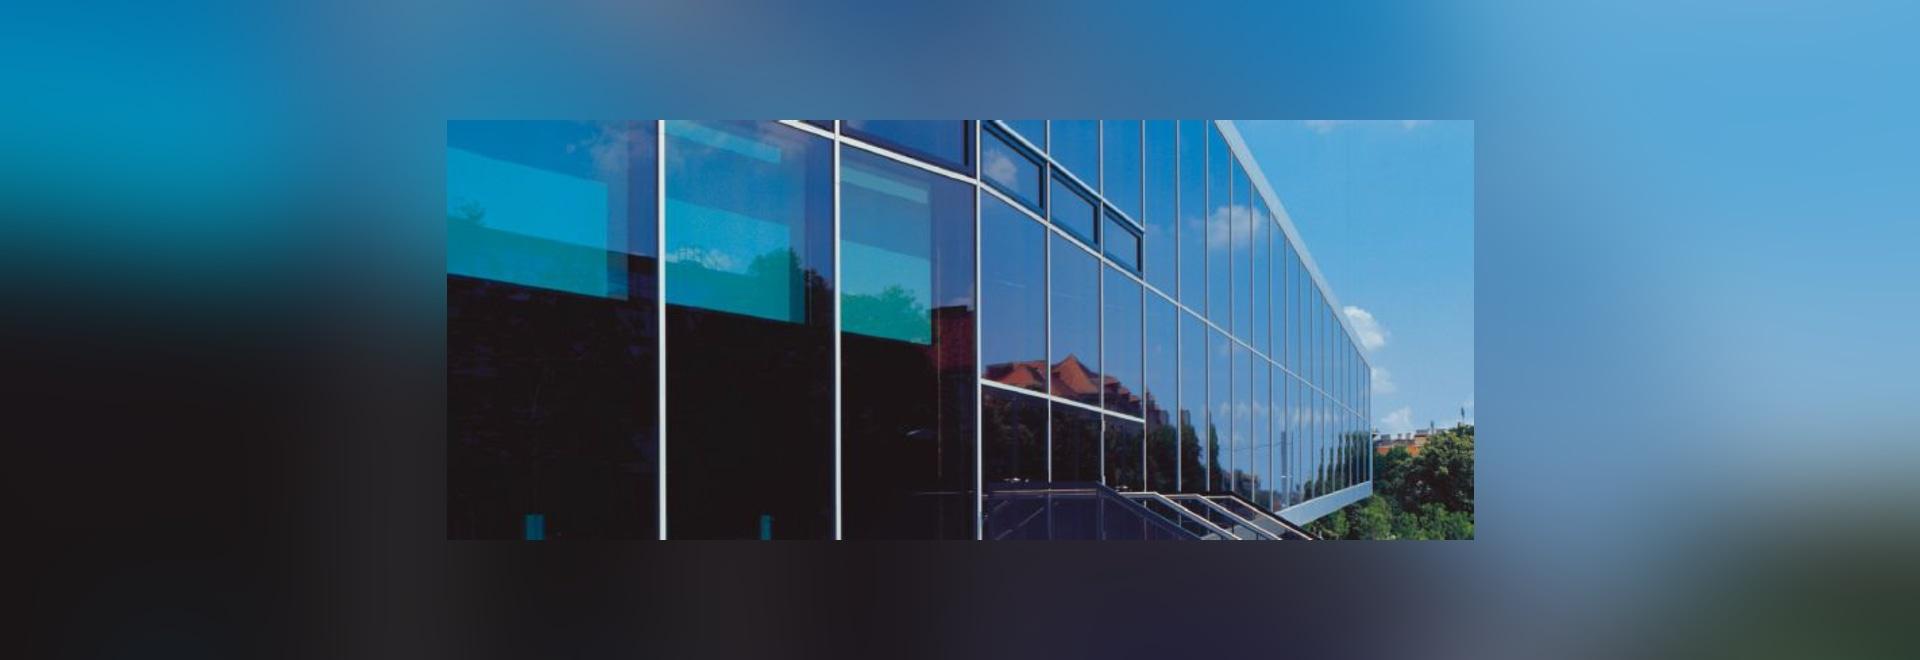 New Safety Glass Panel By Schott Ag Schott Ag